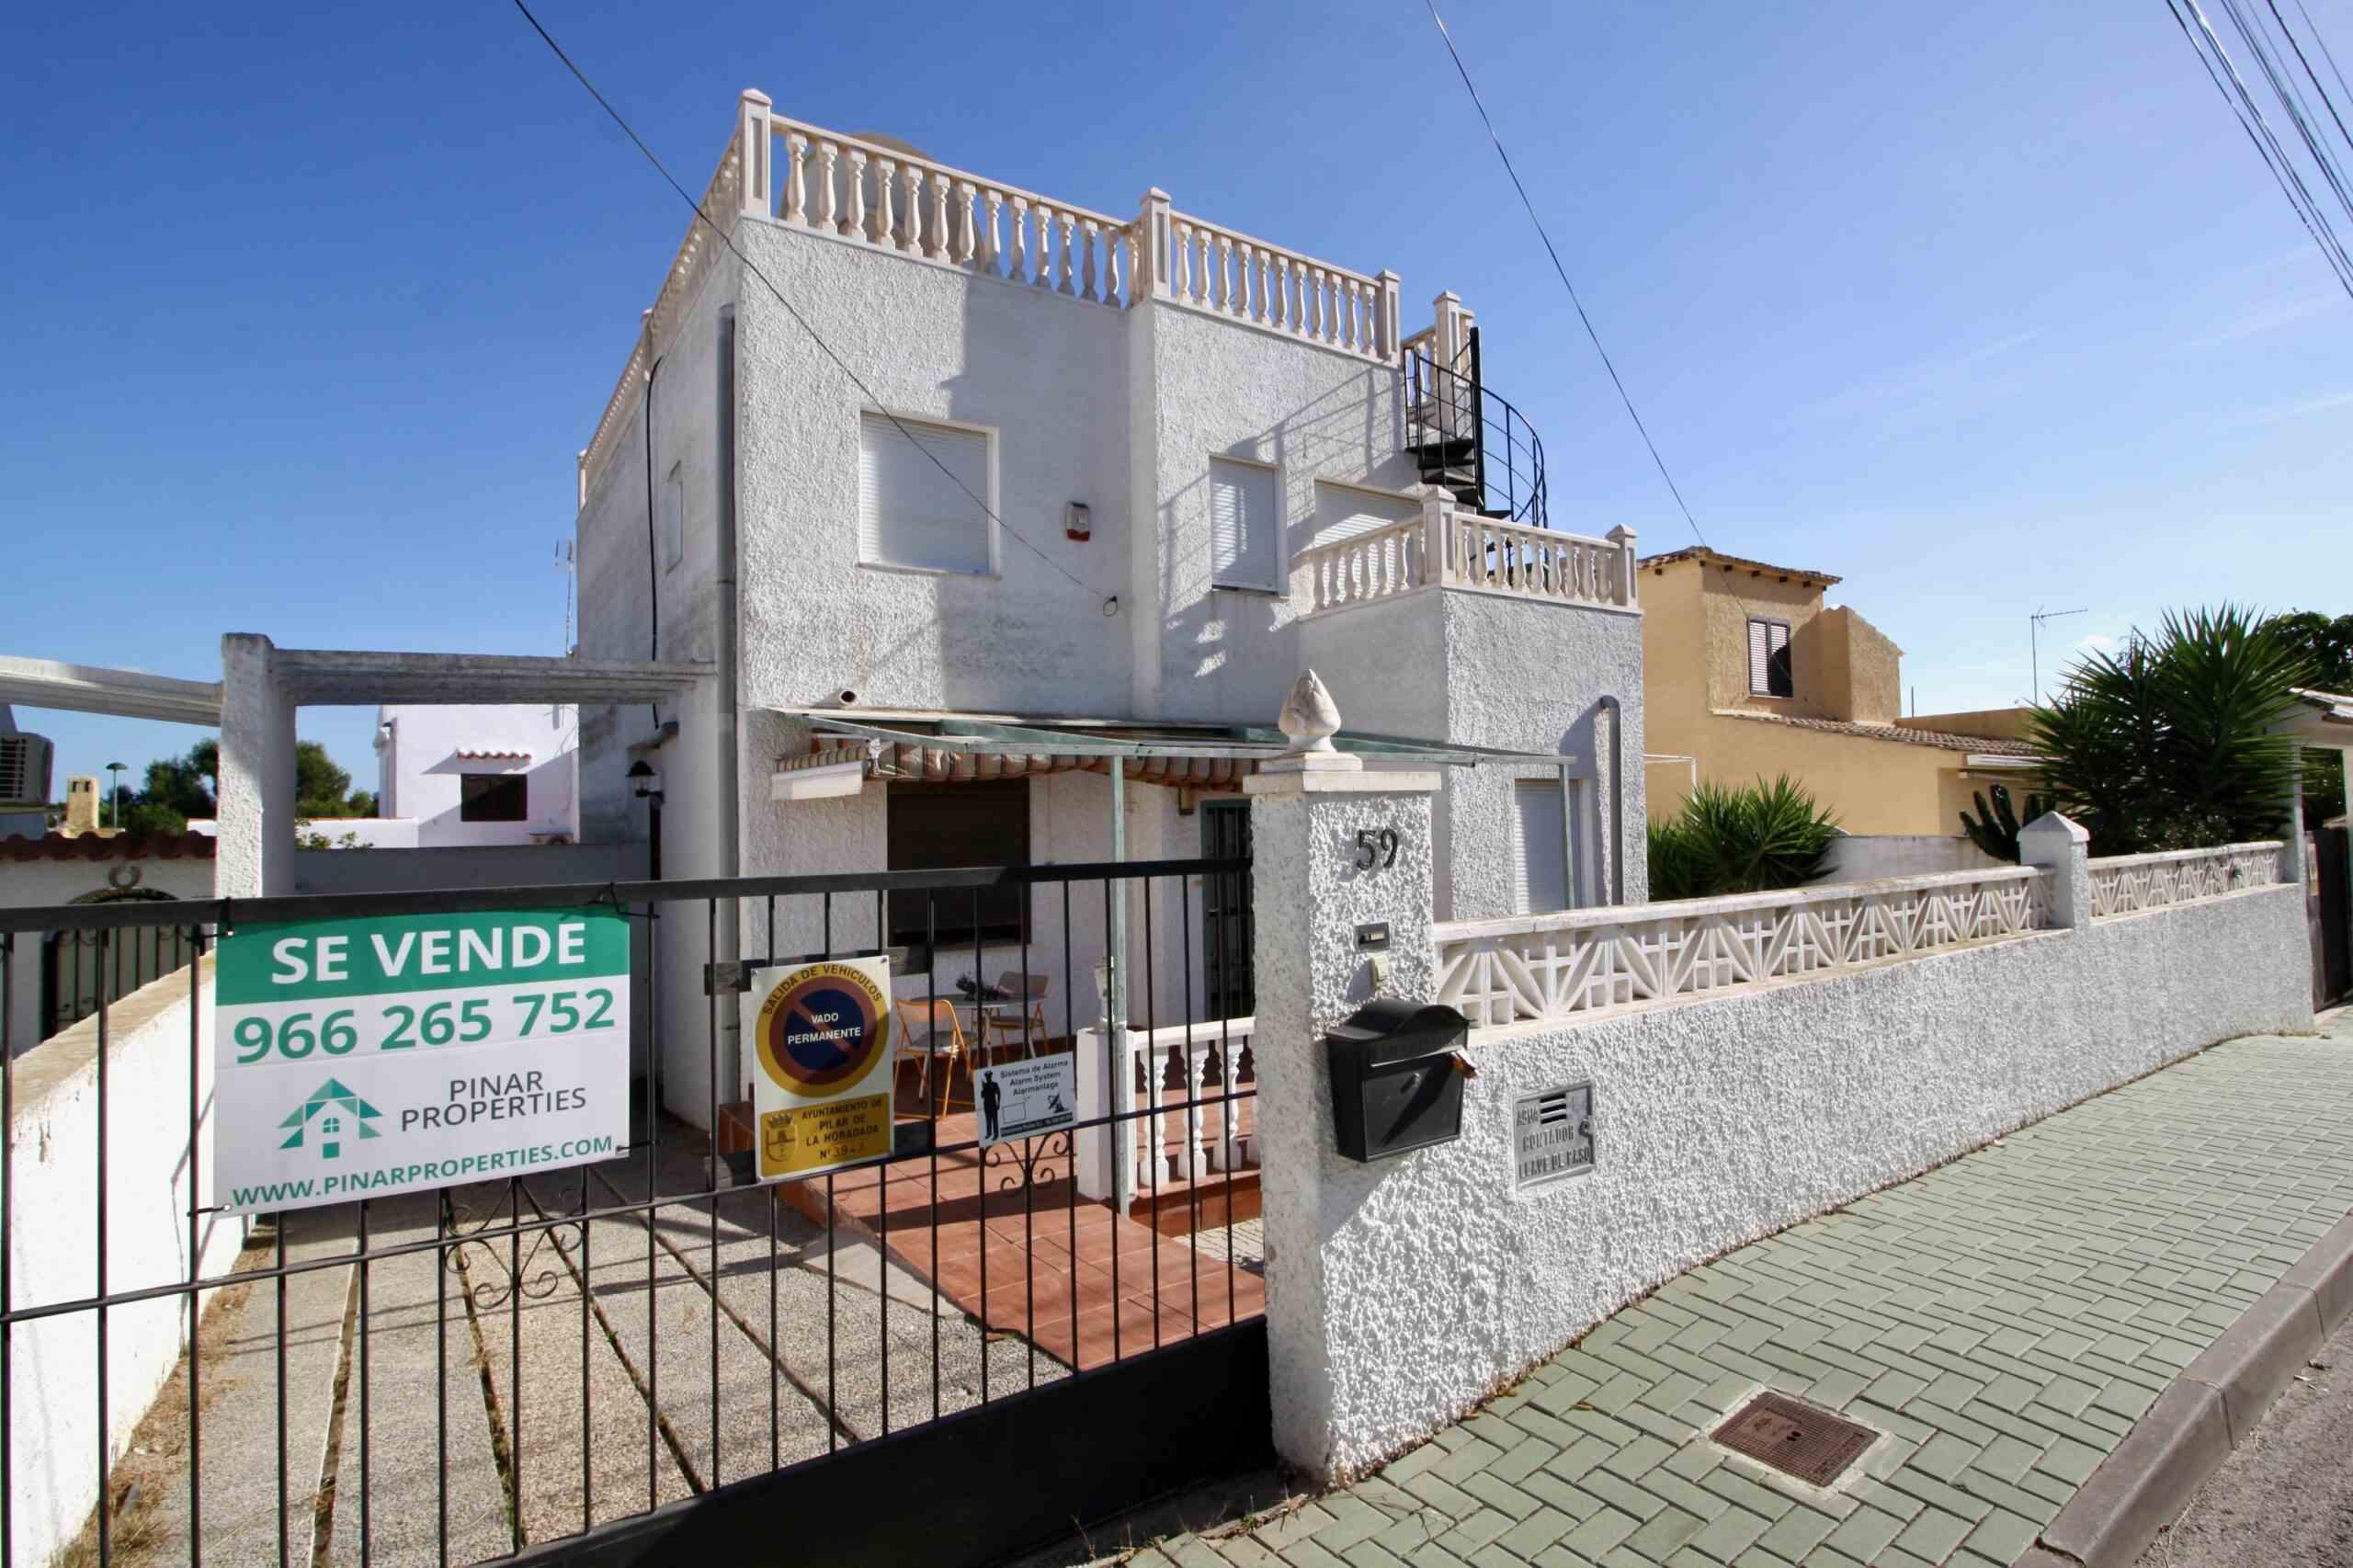 3 bedroom house / villa for sale in Pinar De Campoverde, Costa Blanca